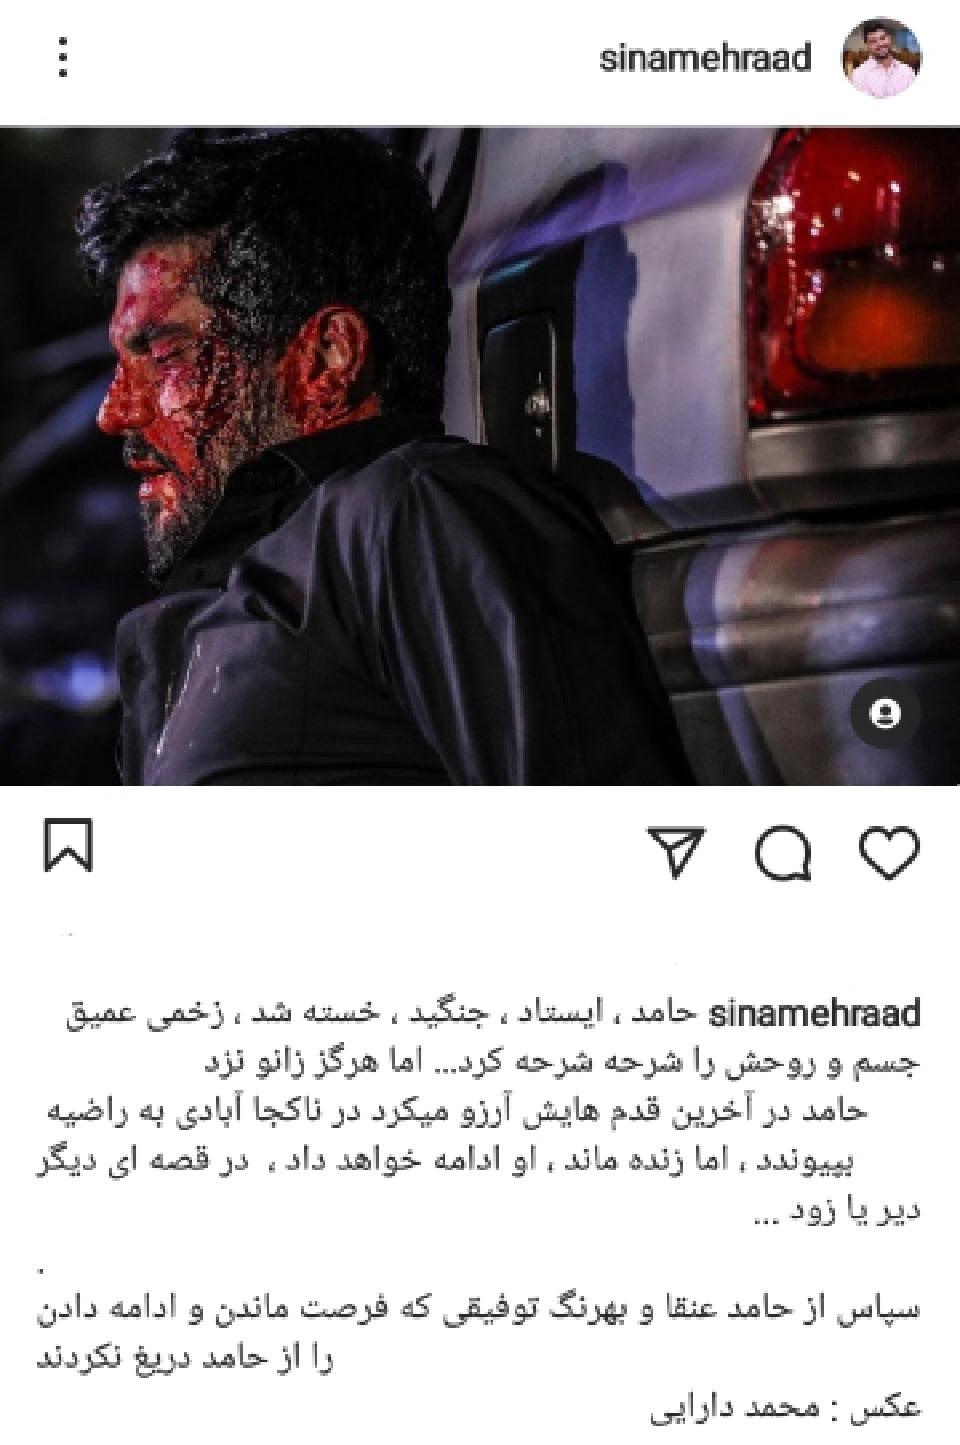 حادثه خونین برای آقازاده سرشناس +عکس